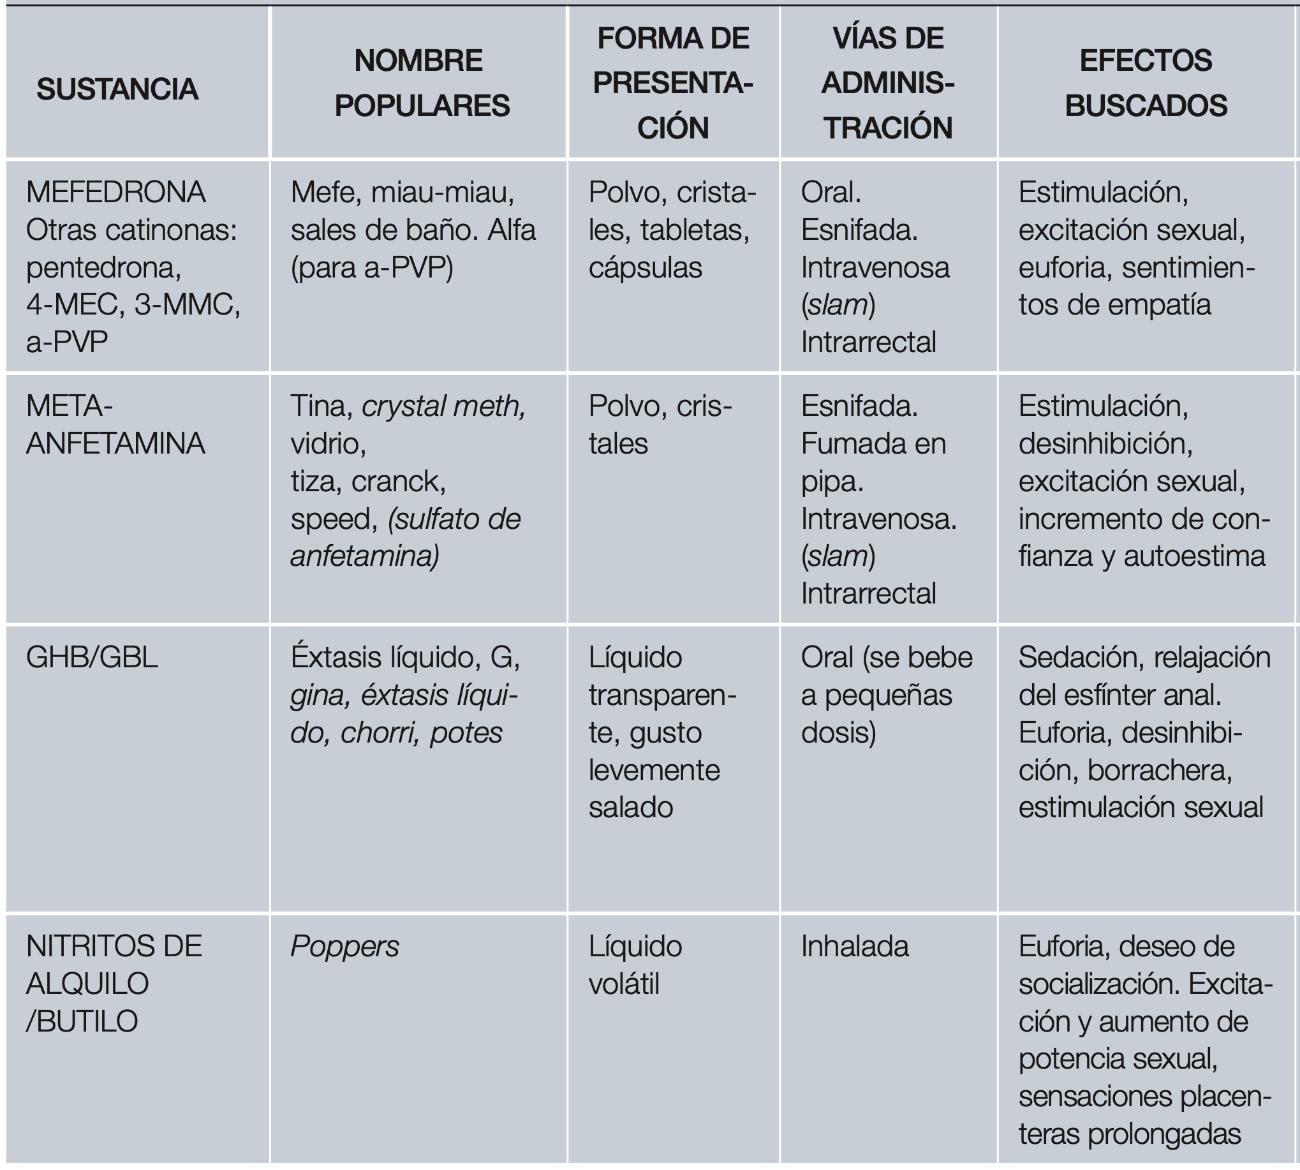 Gráfica Sustancias utilizadas habitualmente en la práctica del Chemsex